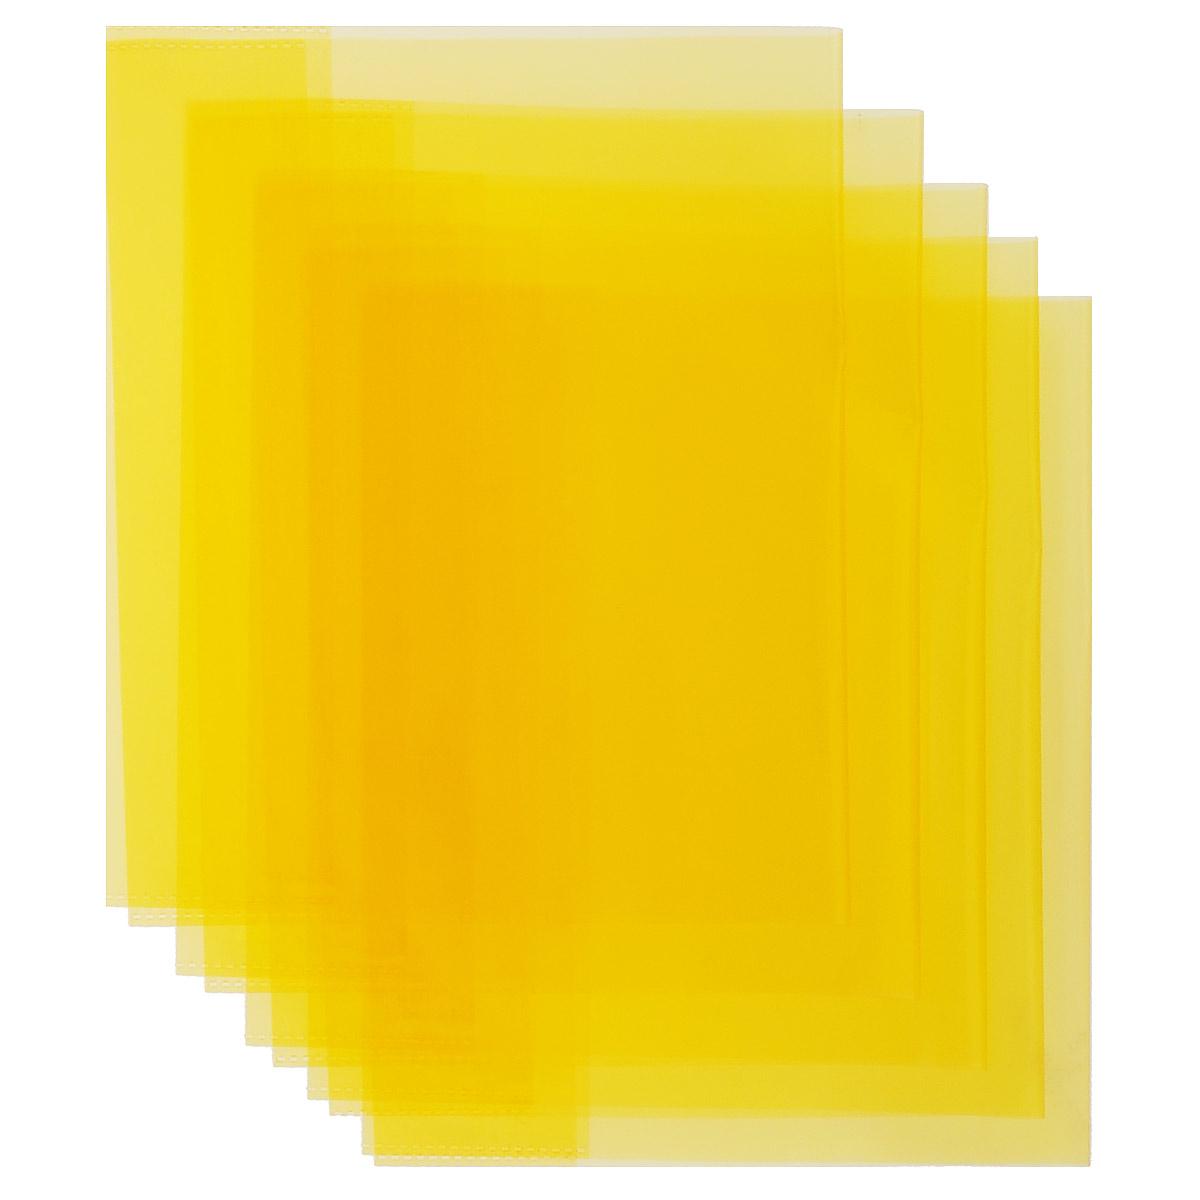 Набор обложек для тетрадей и дневников Action, цвет: желтый, 21 см х 34,6 см, 5 штABC010/5_C40316_желтыйНабор обложек для тетрадей и дневников Action предназначены для защиты тетрадей, дневников от пыли, грязи и механических повреждений. С прозрачными клапанами. Рекомендовано для детей старше трех лет.